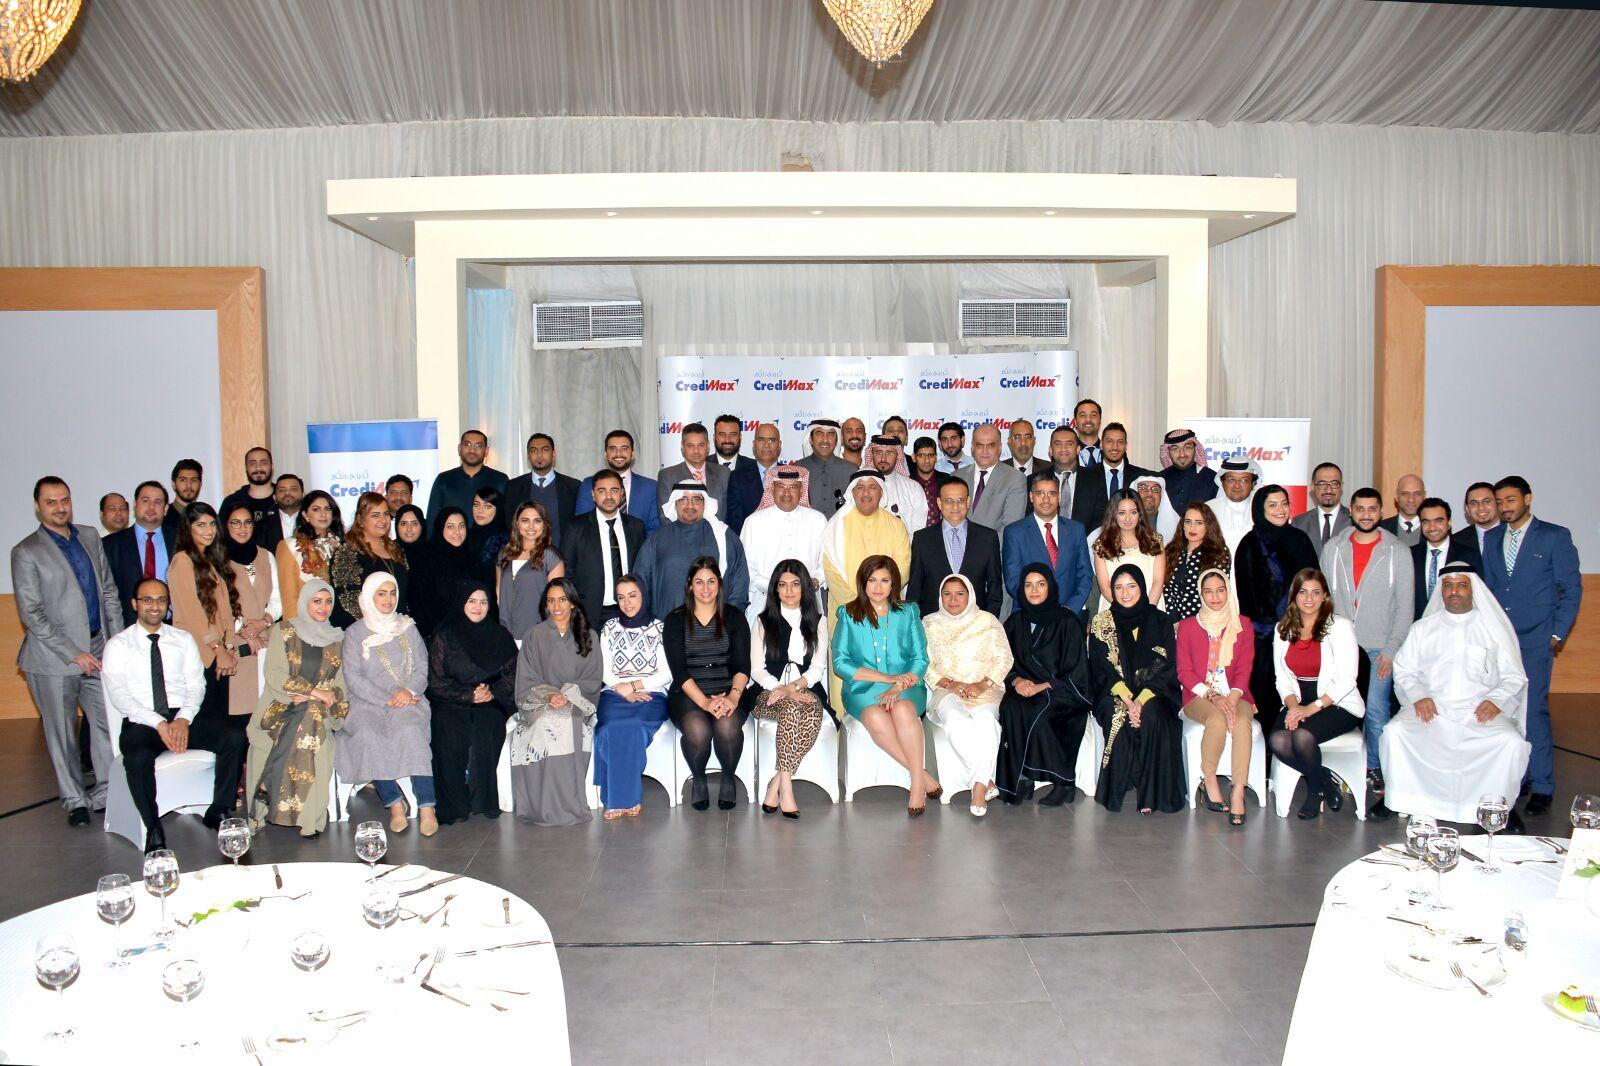 تضمن الحدث تكريم الموظفين المتميزين وتقديم شهادات ثناء وتقدير لجهودهم الحثيثة والتزامهم المتواصل